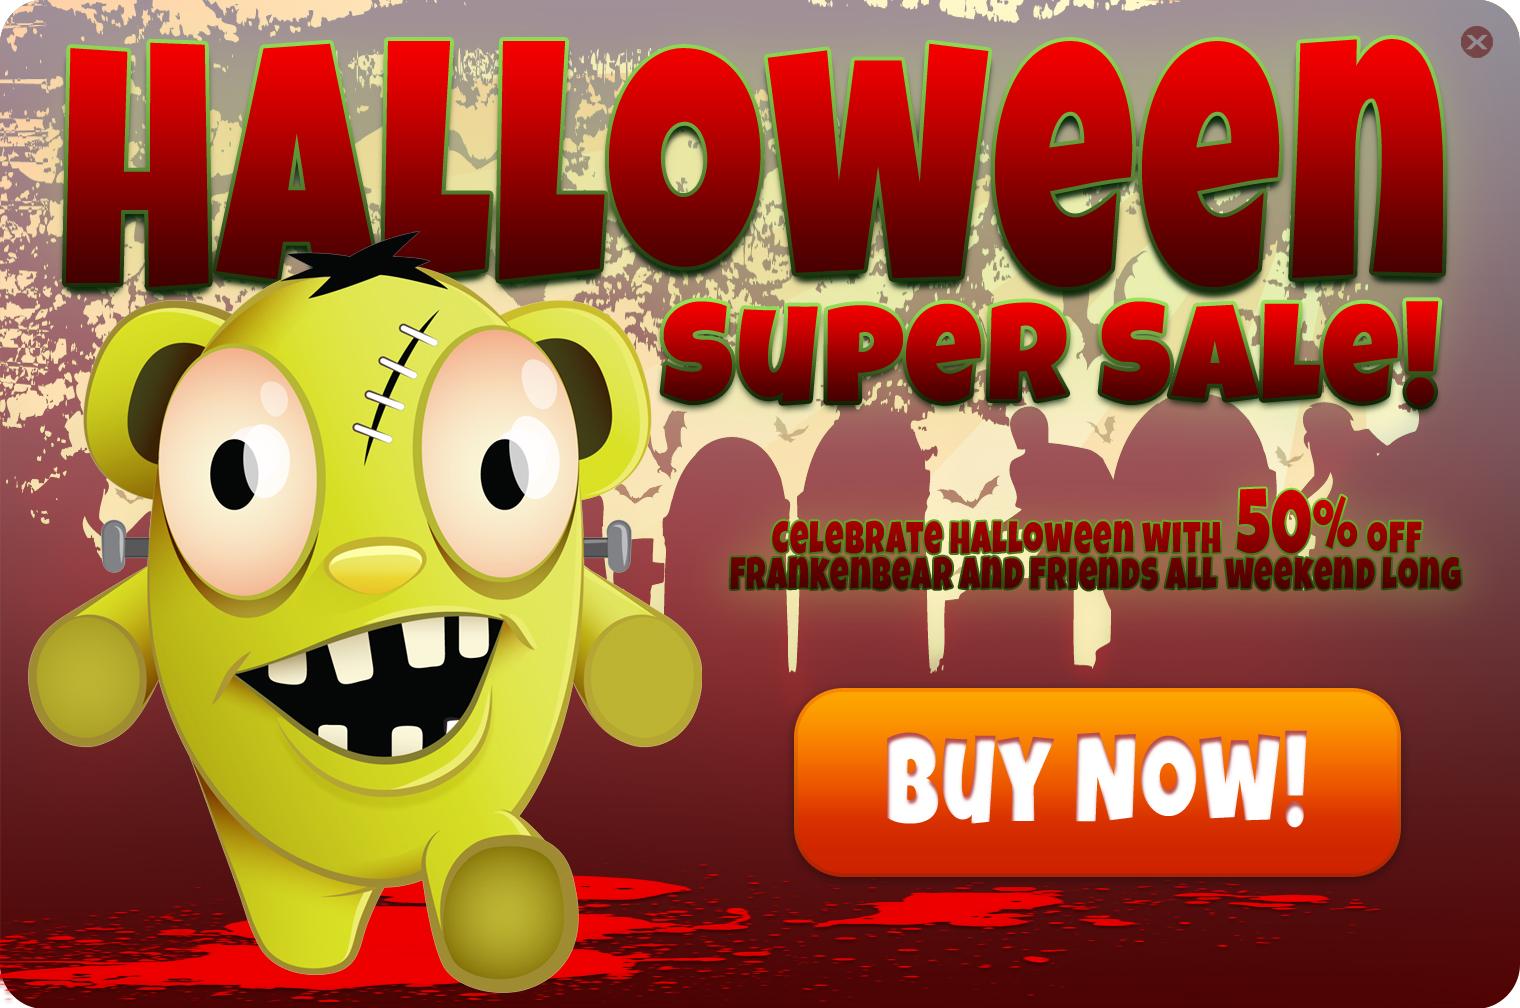 Halloween in app ad